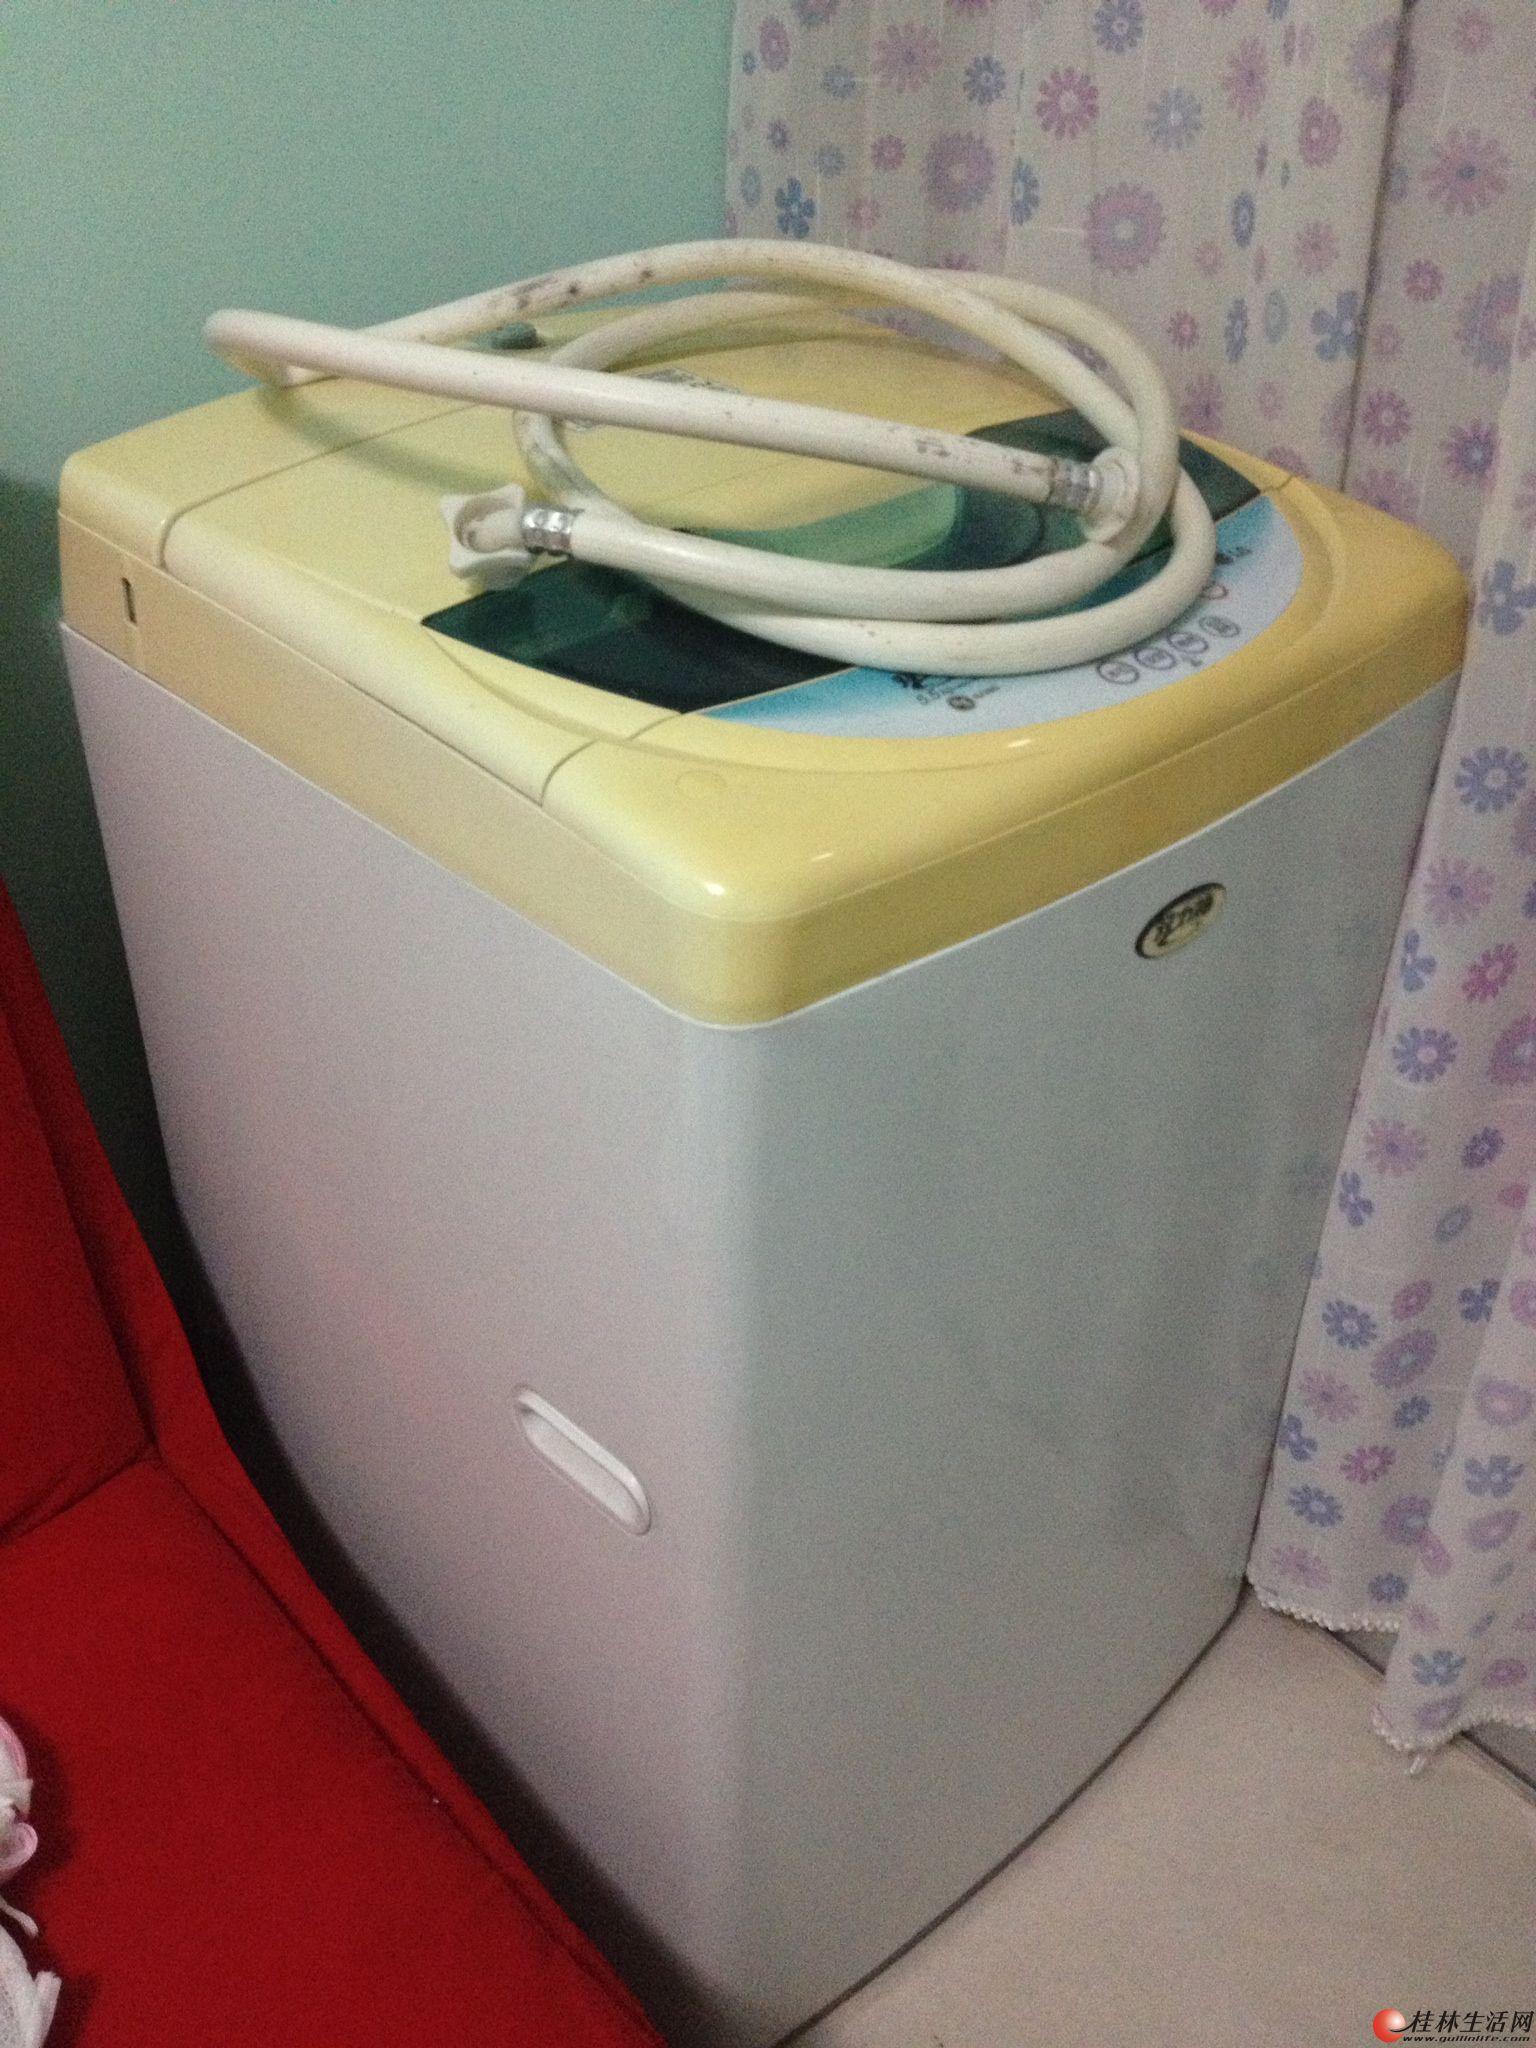 冬天必备:lg双力神 5.5kg全自动洗衣机便宜卖啦!只需600元,欲购从速!